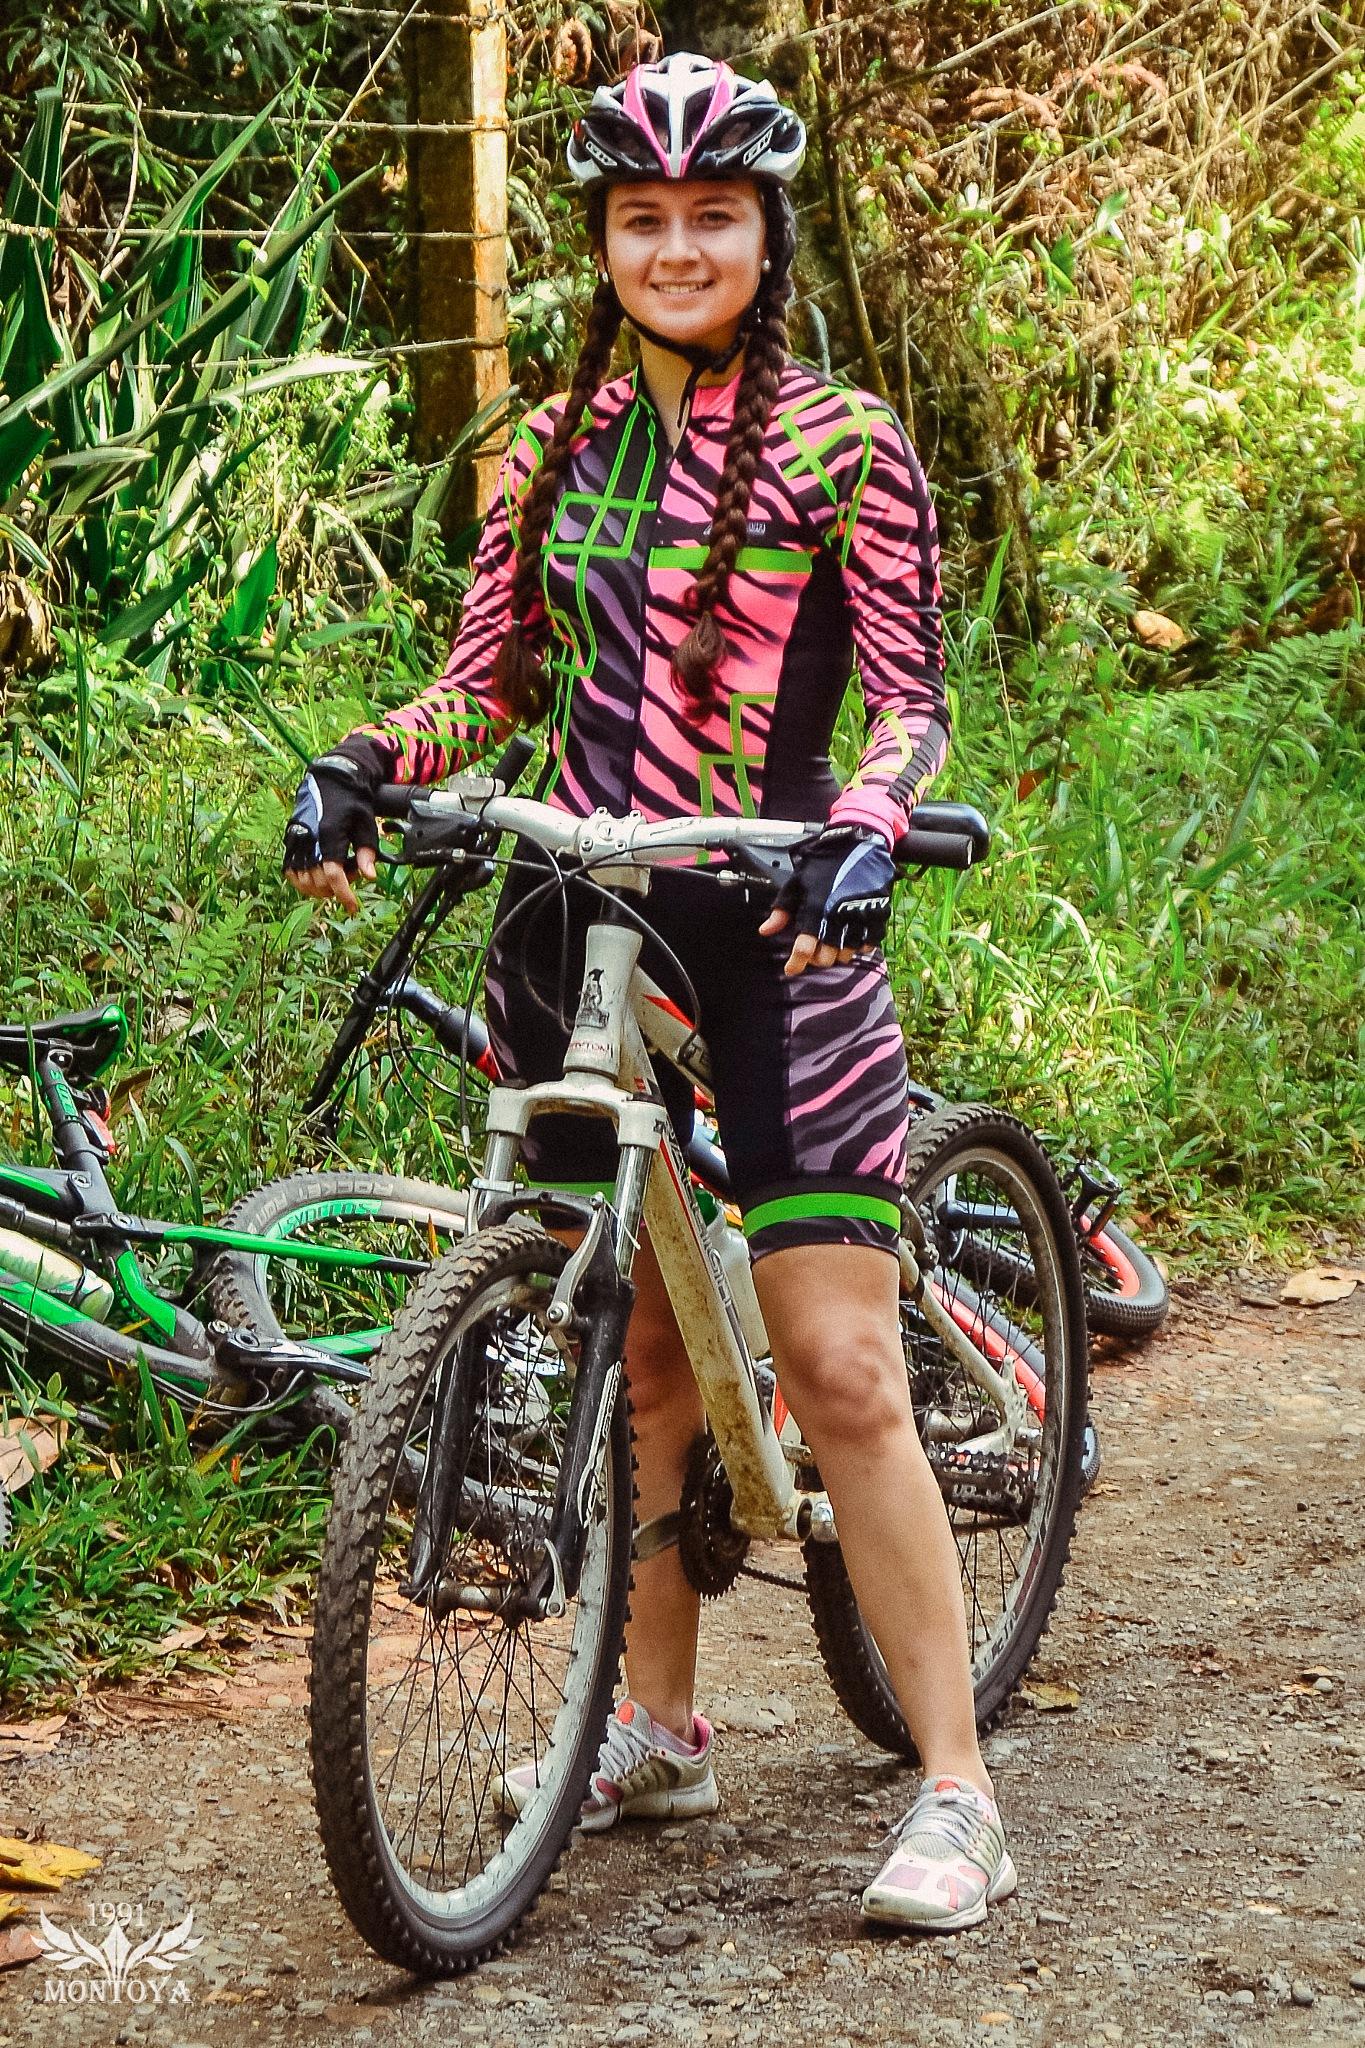 Ciclista sin nombre  by David Montoya